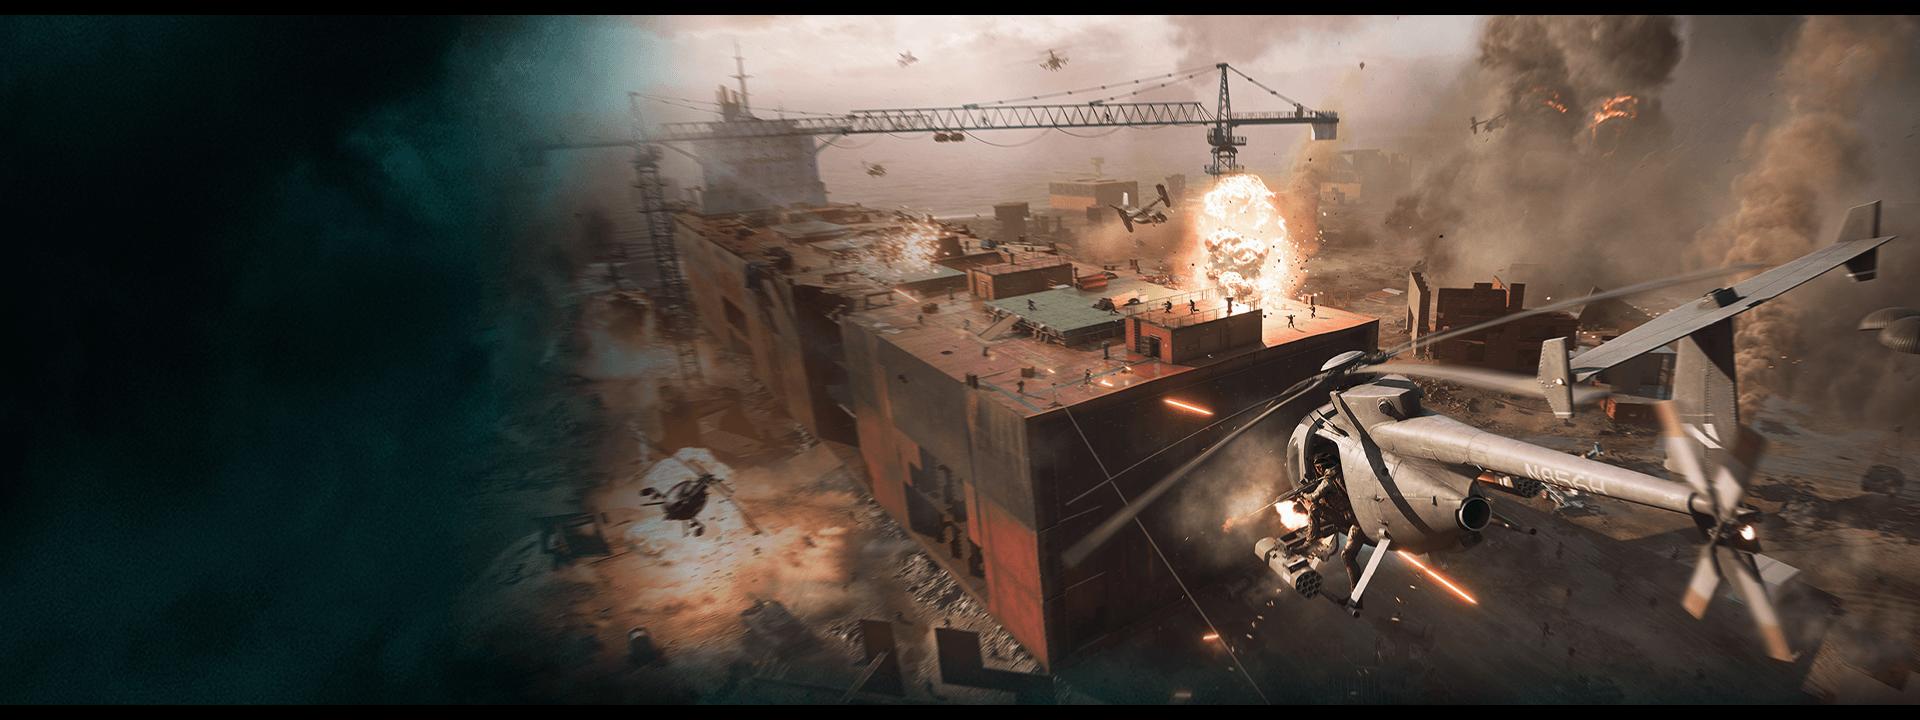 Mannen in helikopters schieten op het dak van een gebouw met explosies rondom.